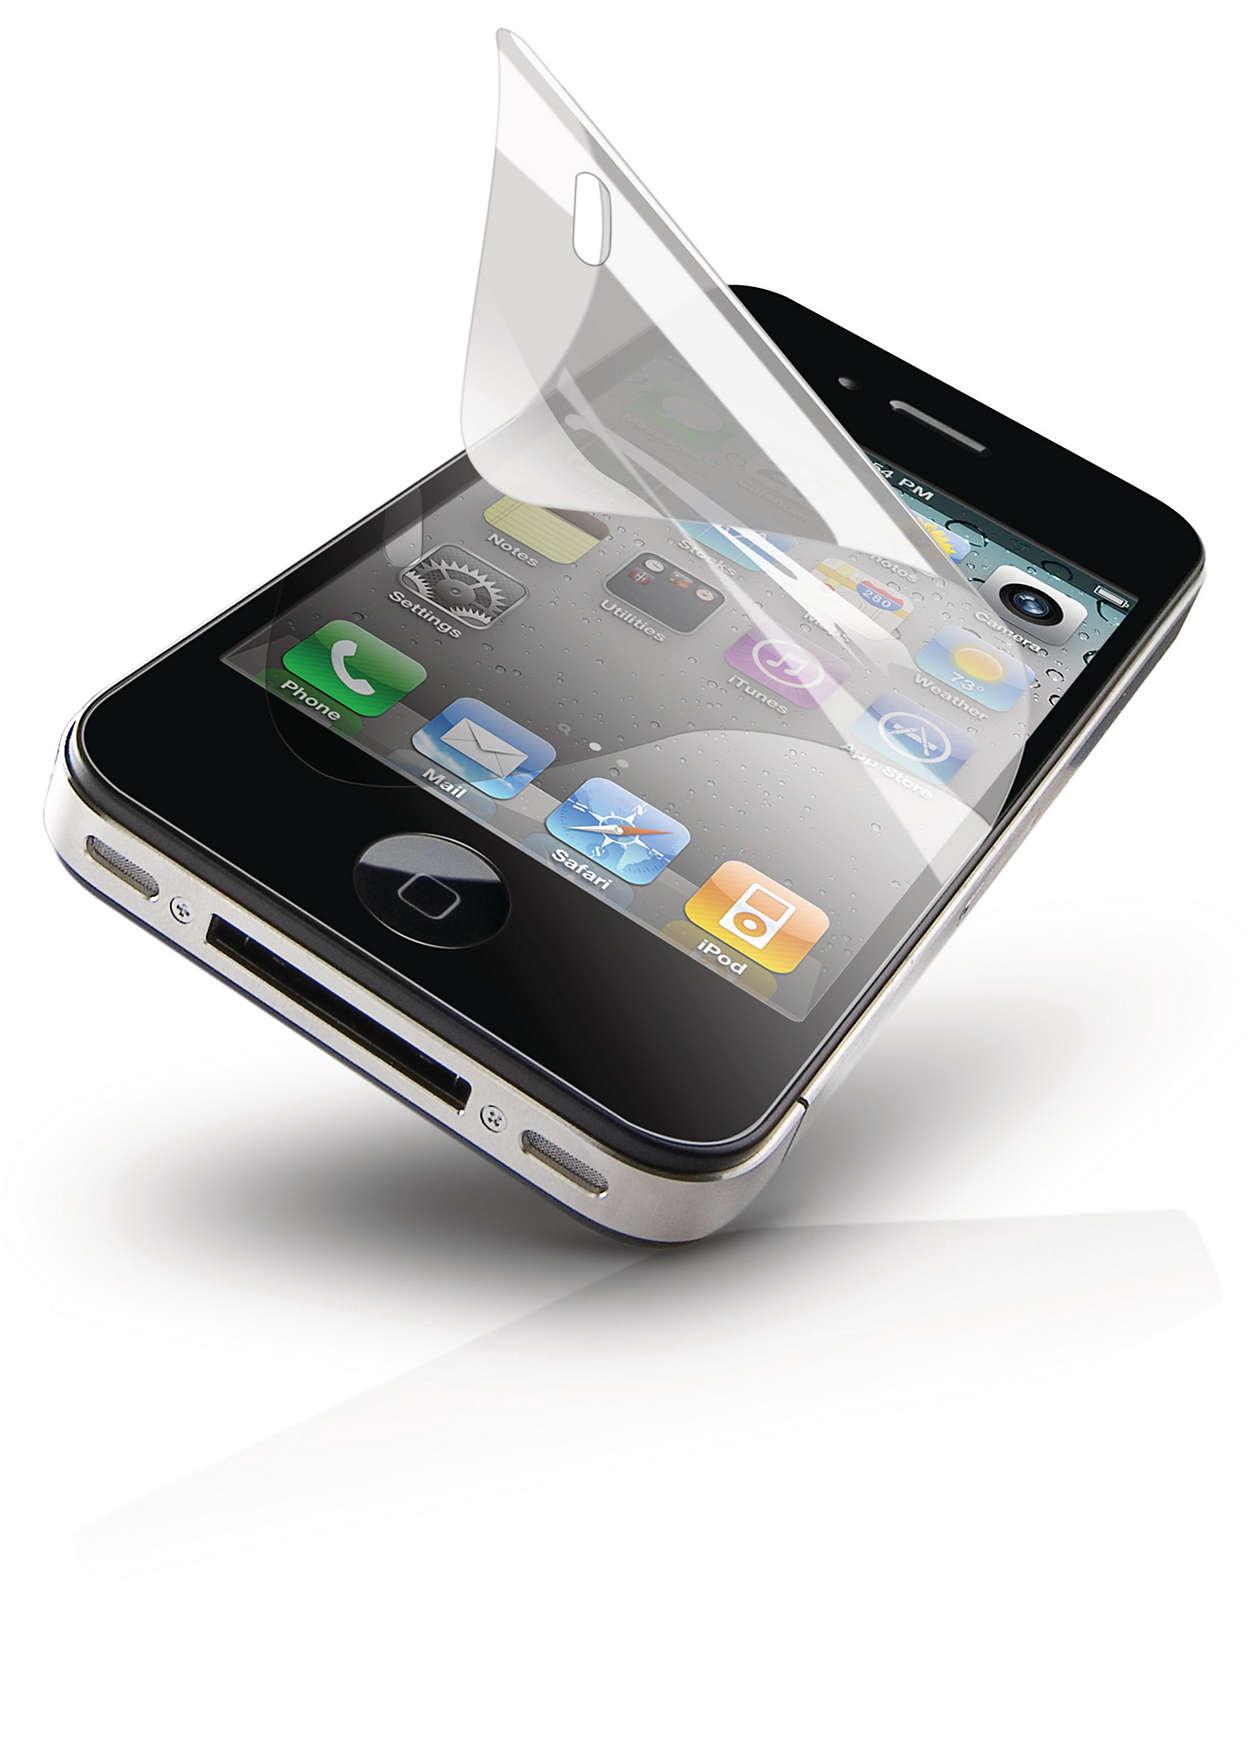 Proteggi lo schermo del tuo iPhone